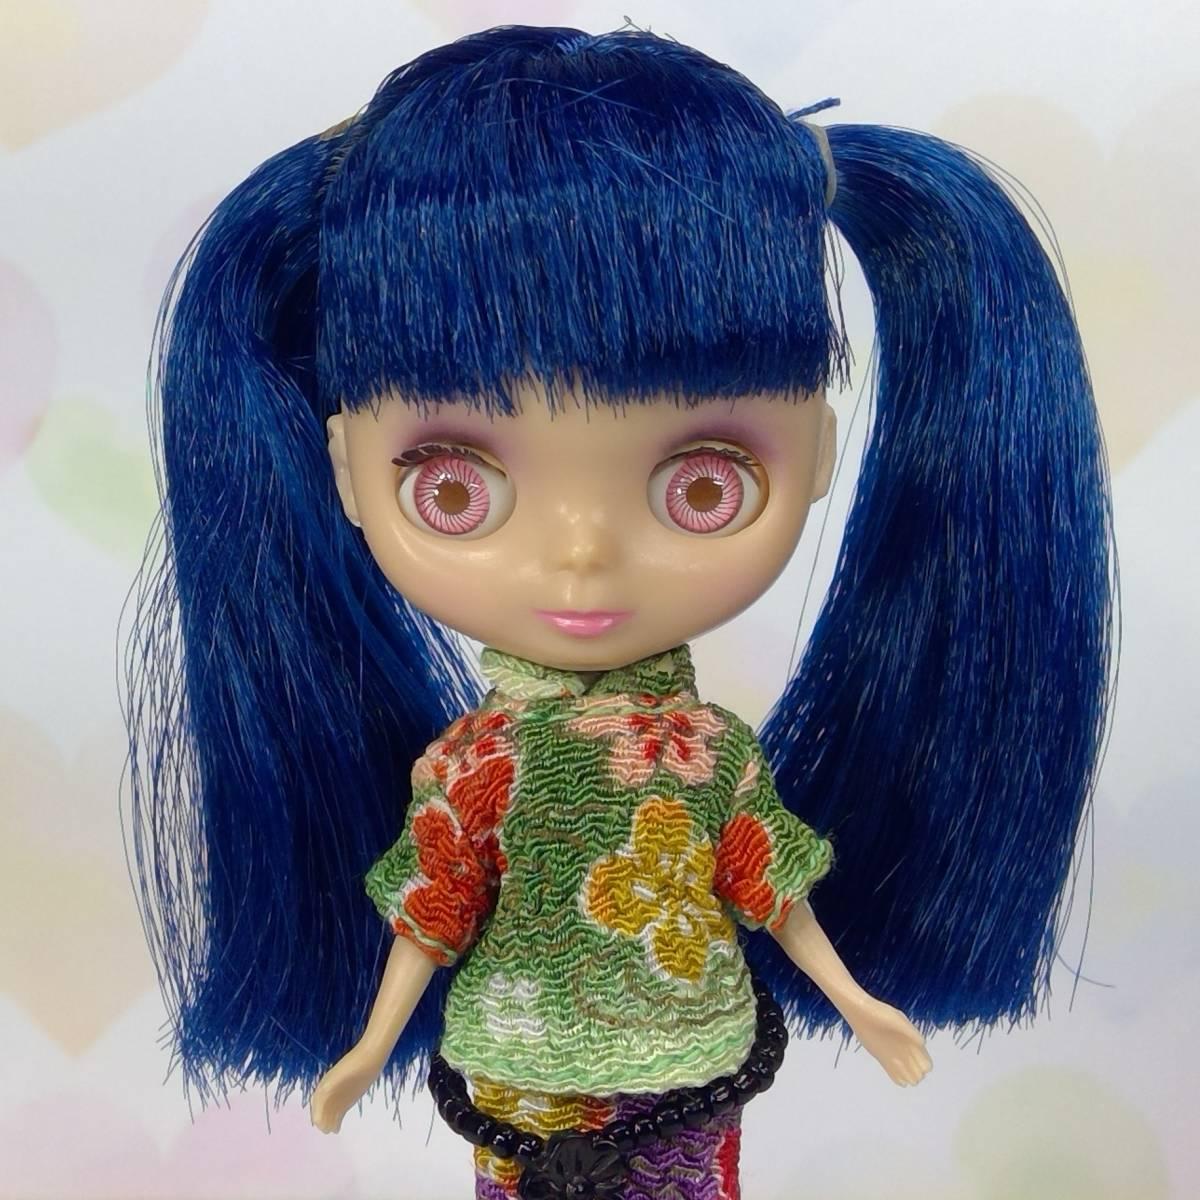 【中古品】○プチブライス、〇アジアンバタフライ、ブルーの髪 チャイナ風のヘアスタイル ちりめん風生地、箱無し、本体のみ